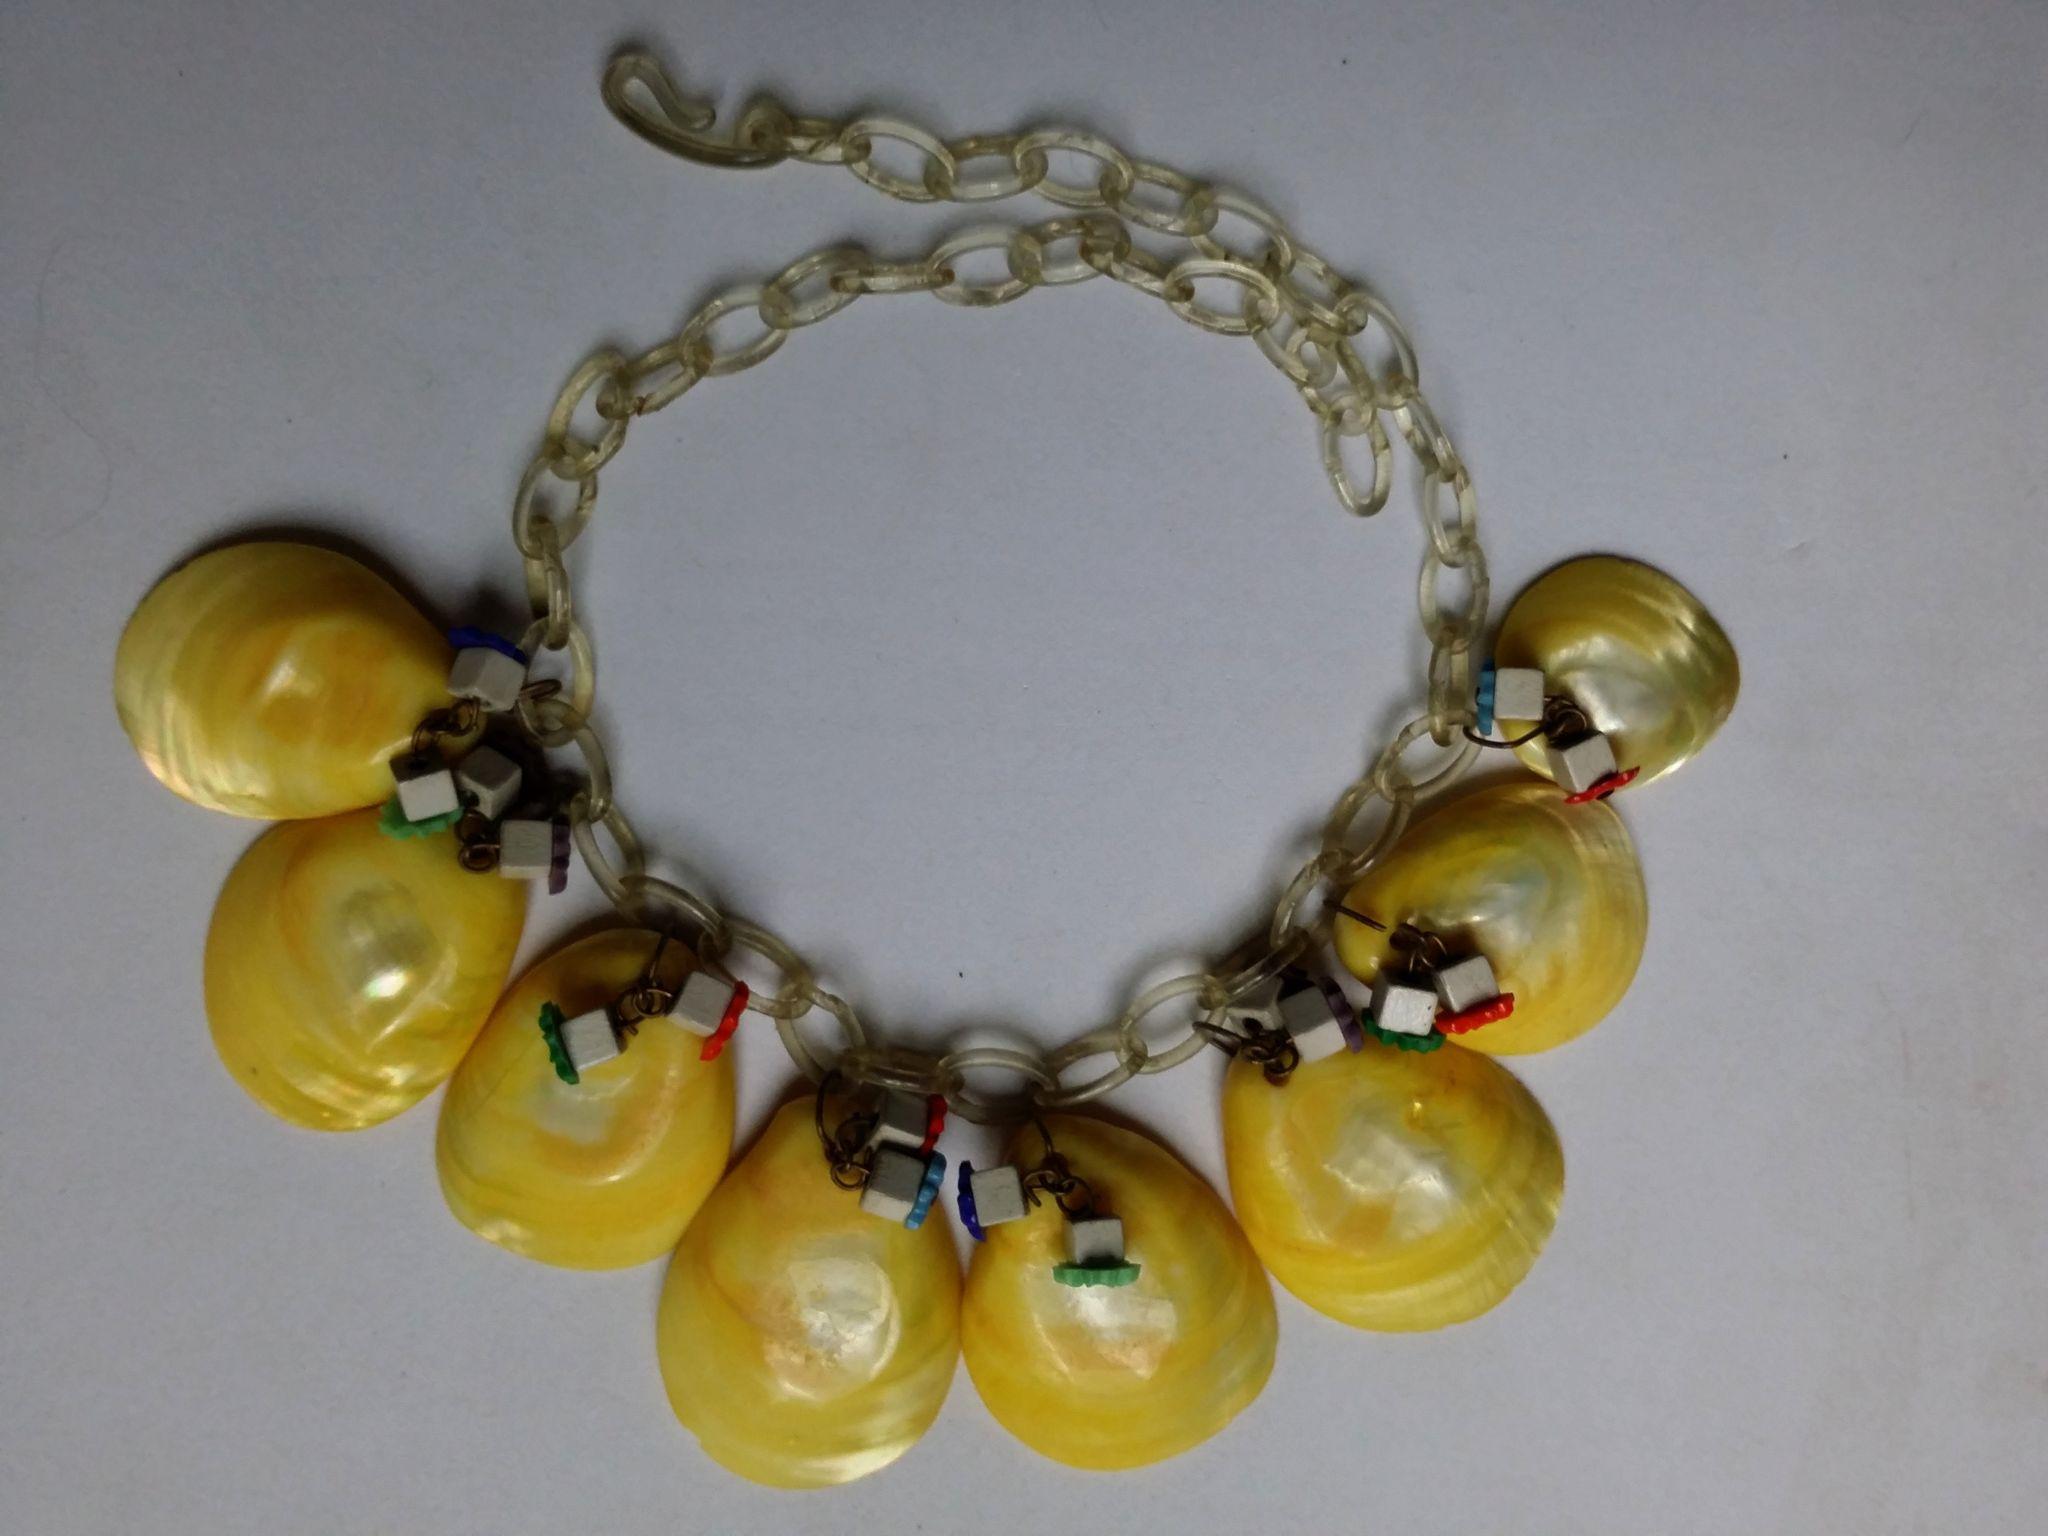 1940s Demi Parure Celluloid Chain Dyed Shell Necklace Bracelet